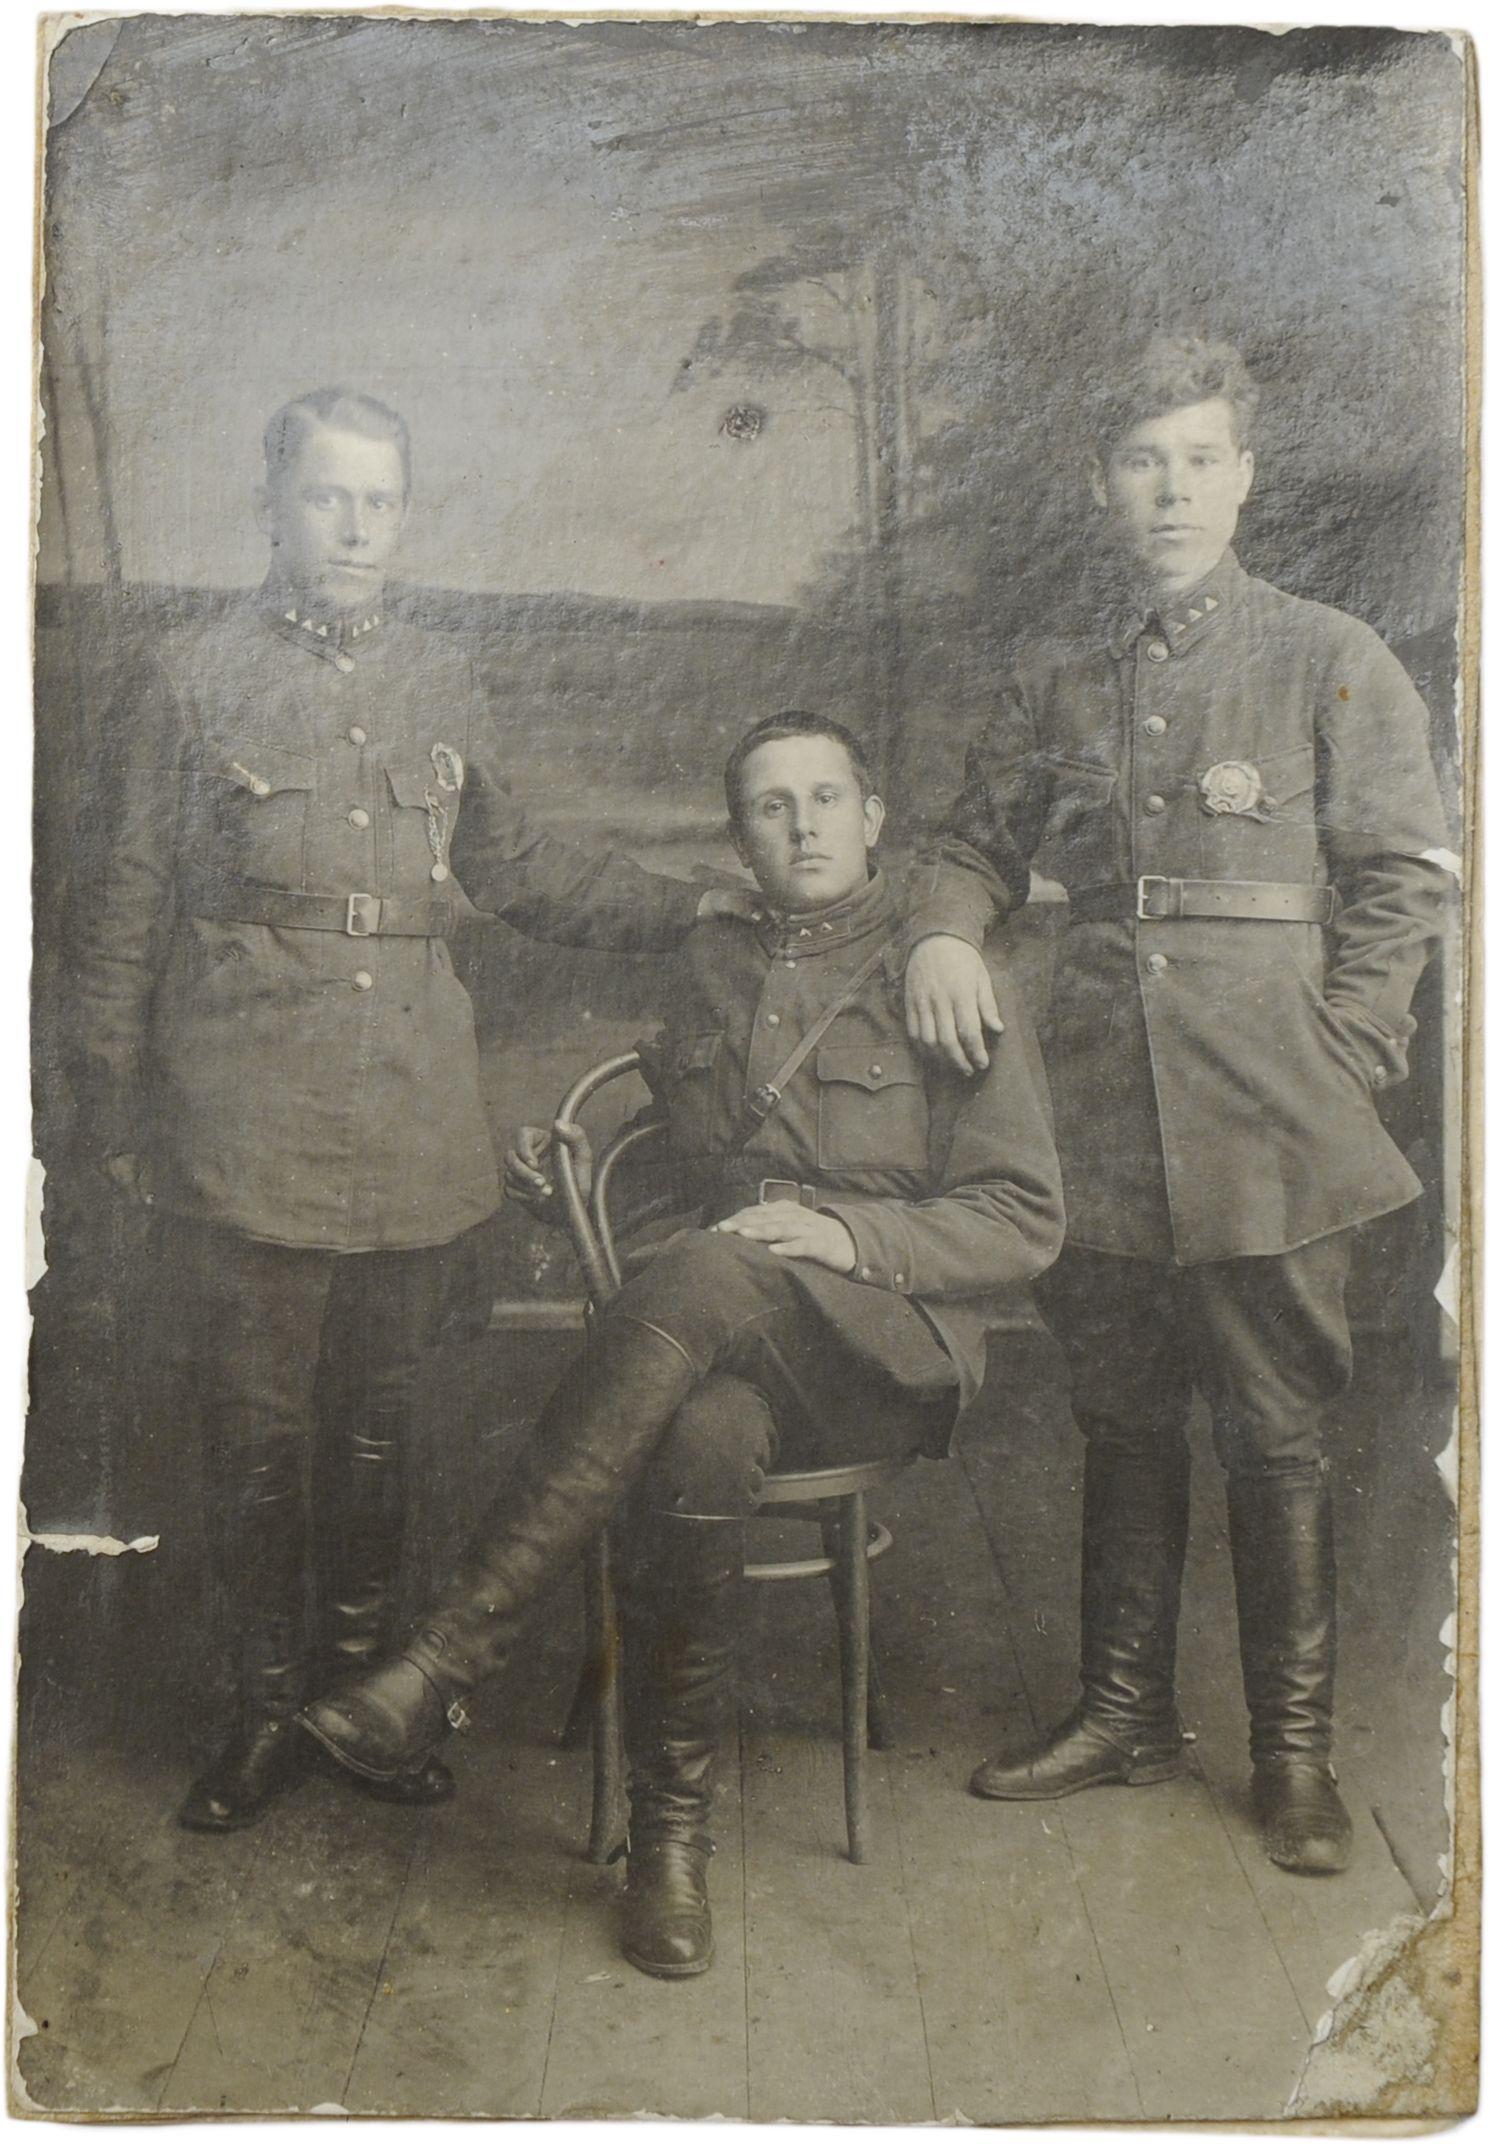 1930-е. Фото командира отделения и двух помощников командира взвода войск ОГПУ